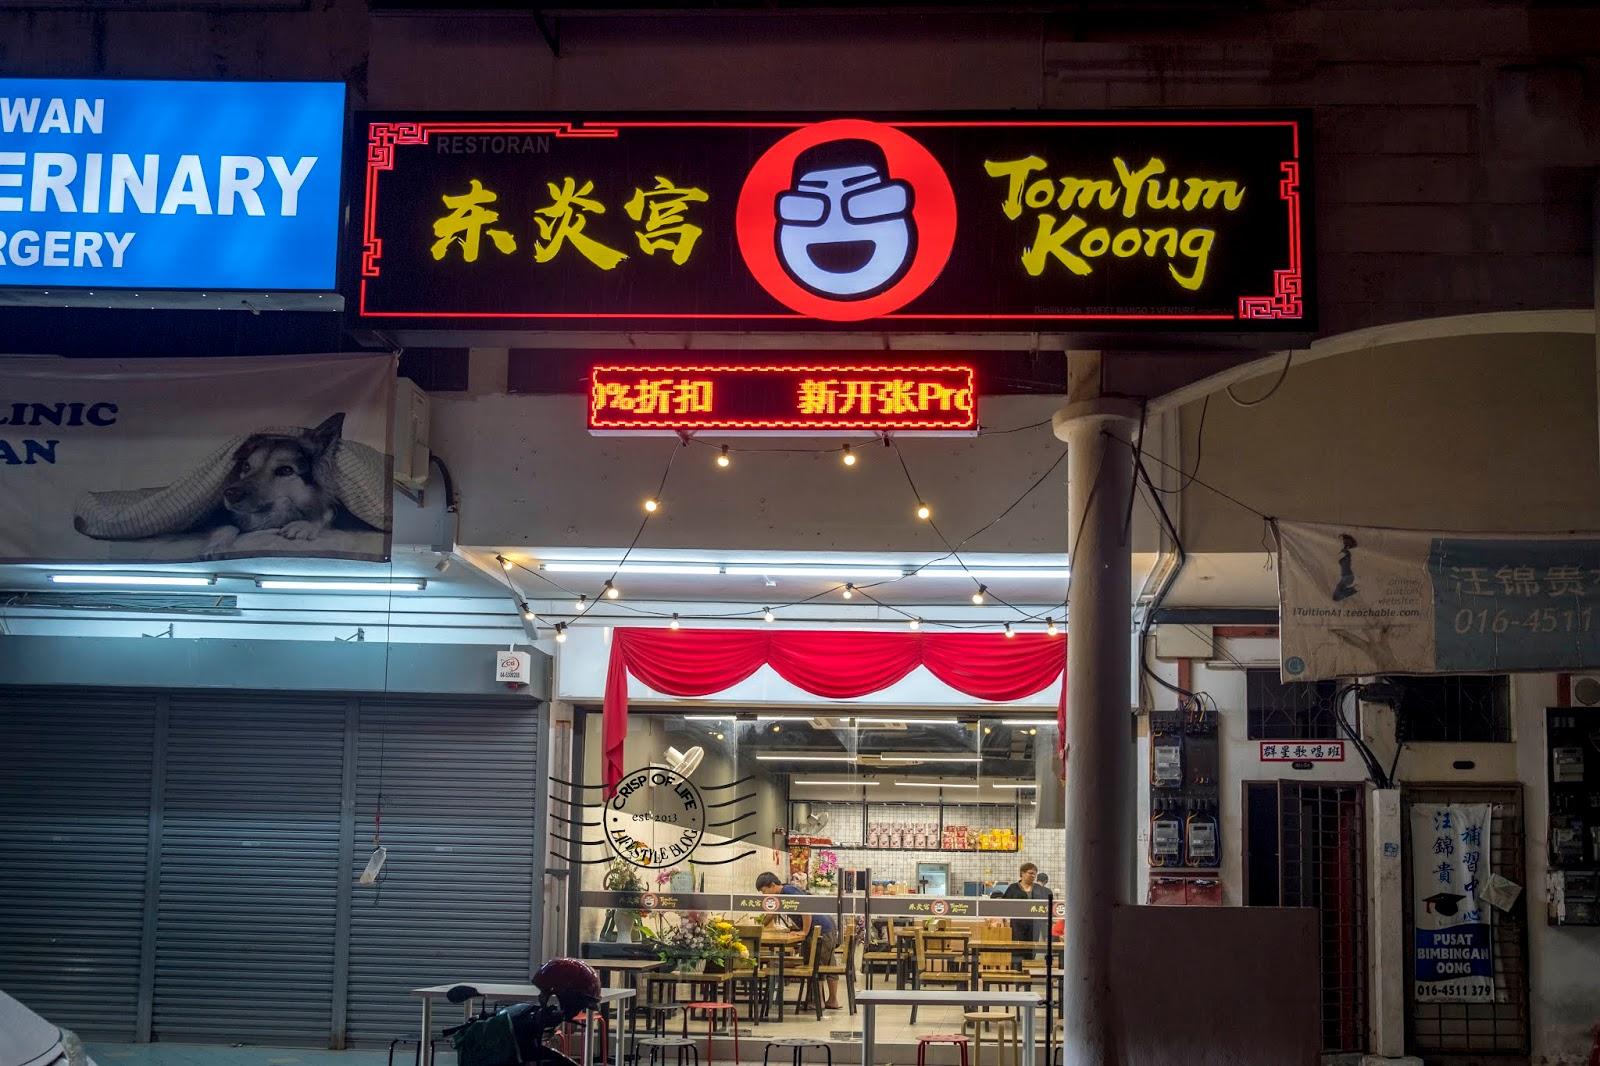 Tom Yum Koong Noodles House 东炎宫 at Perak Road, Penang